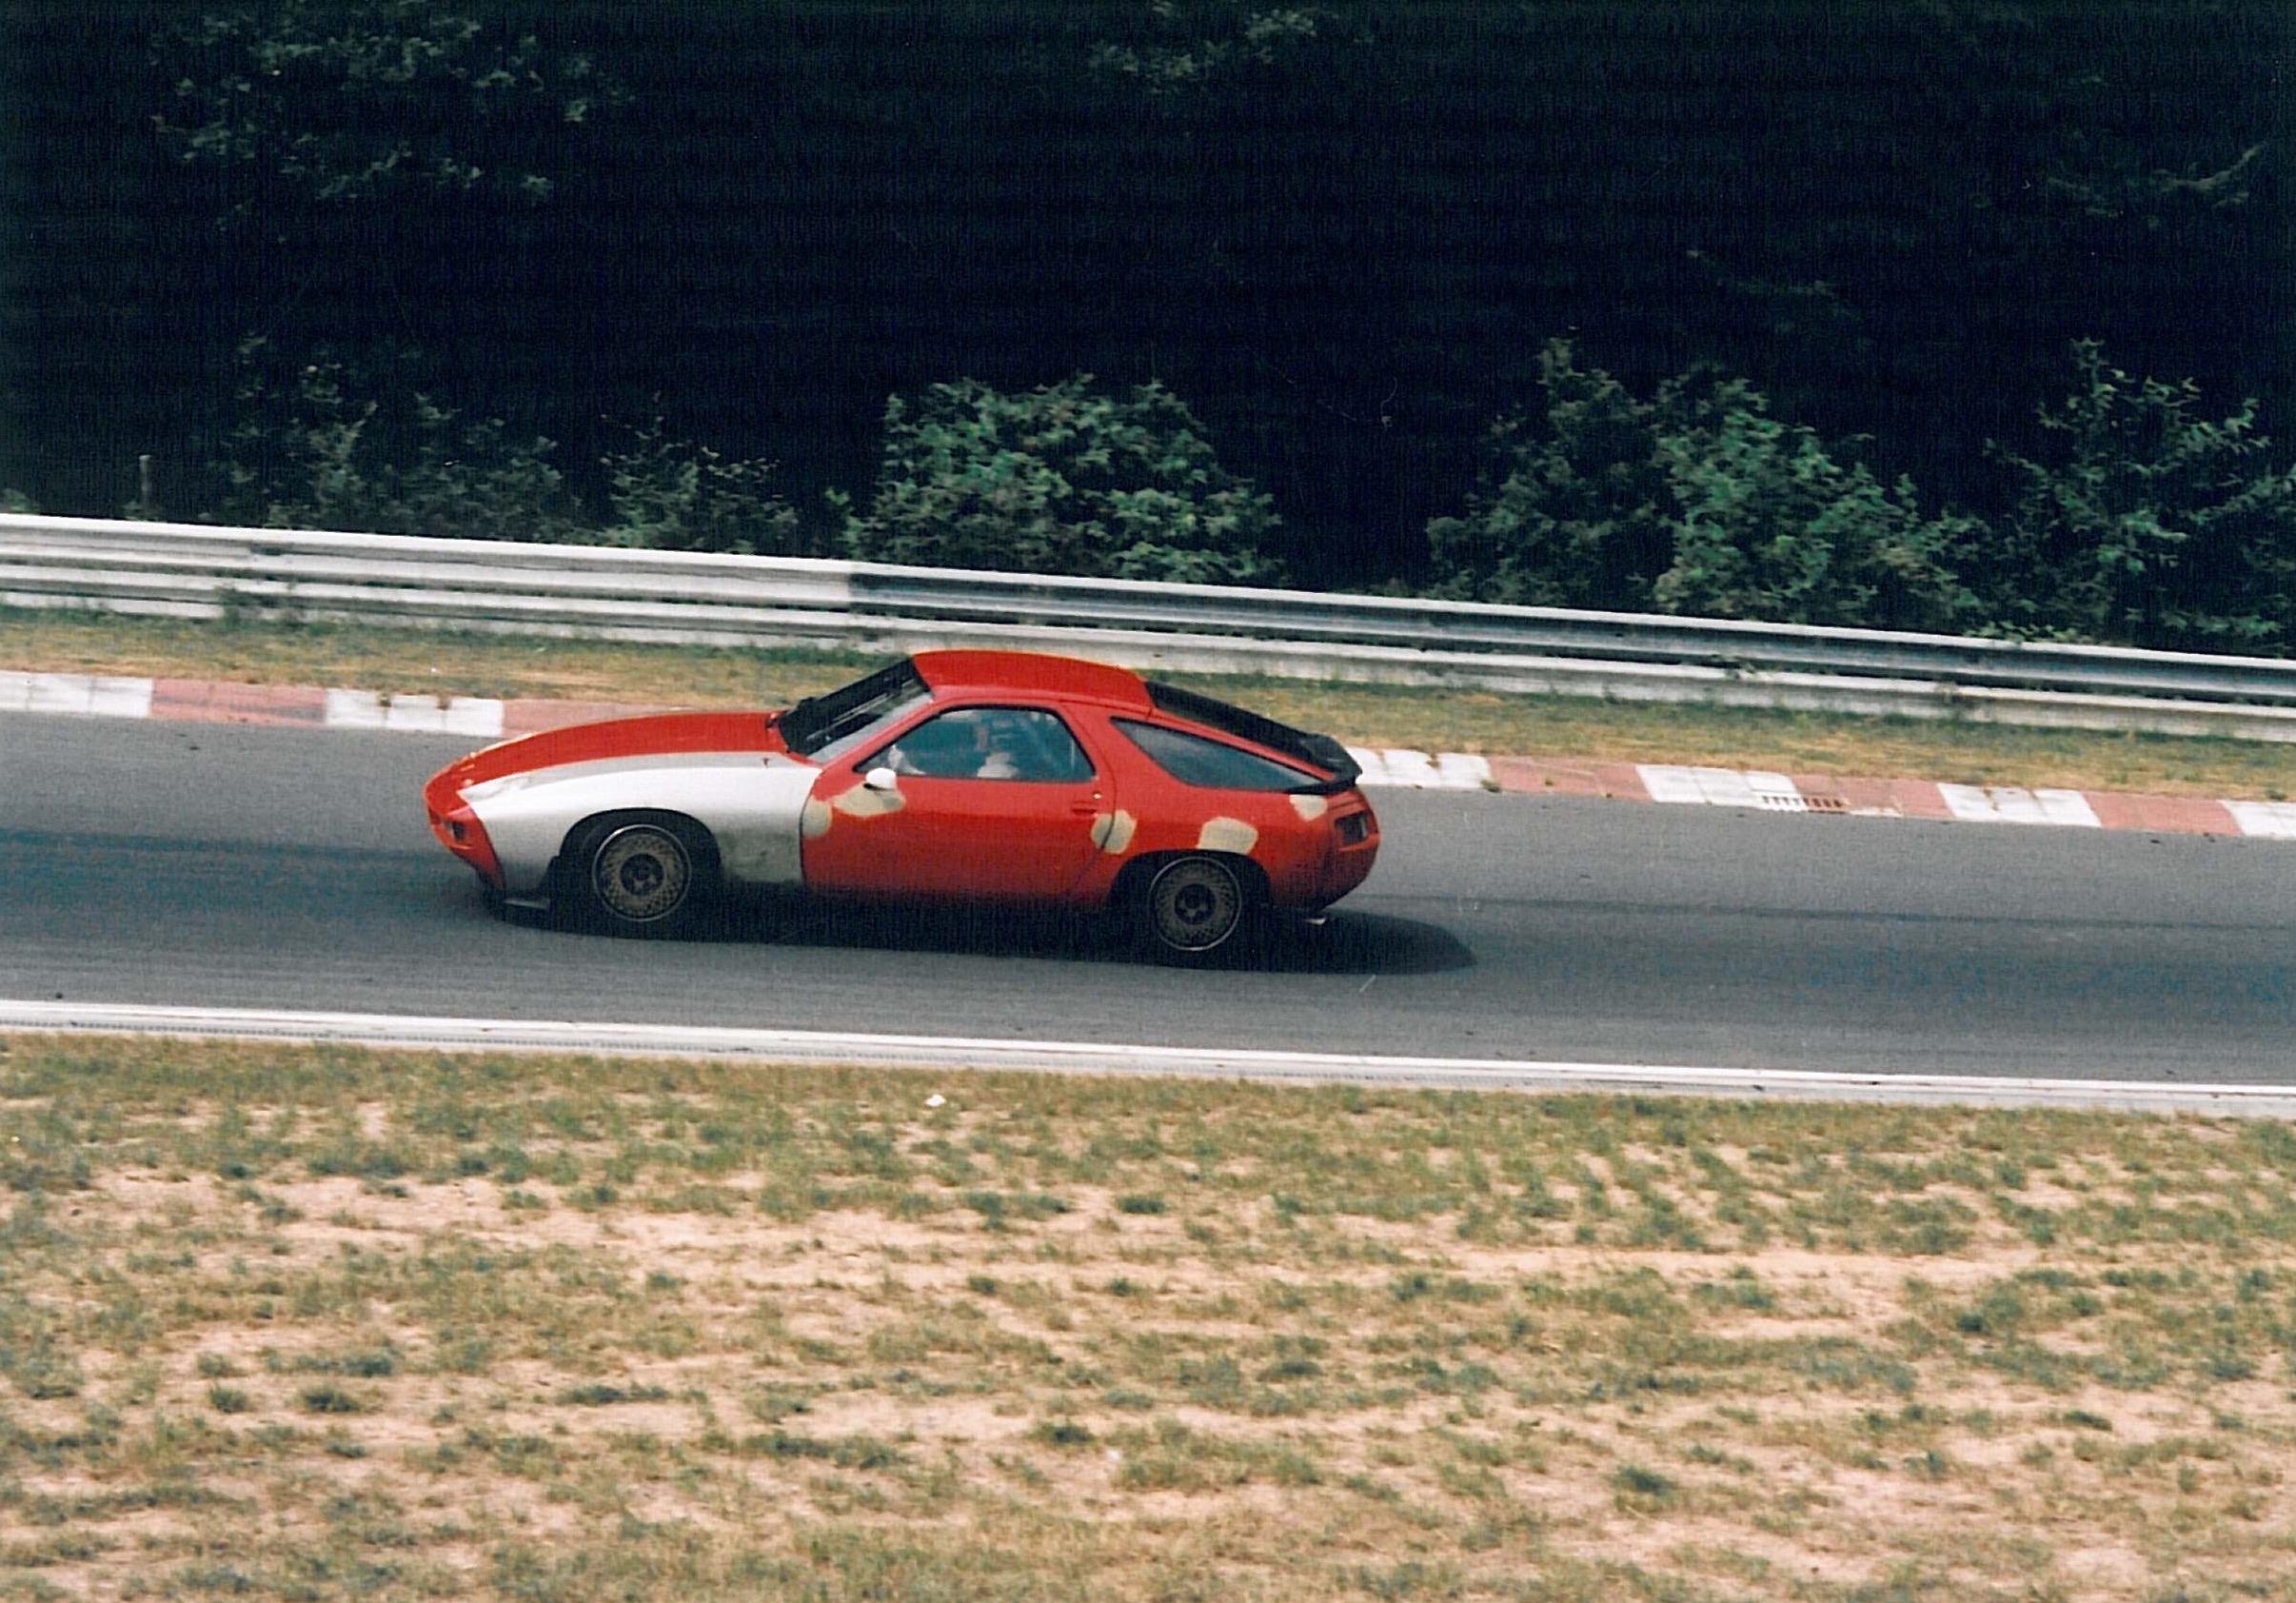 Carsten-Krome-Netzwerkeins-Günther-Steckkönig-Hans-Clausecker-Porsche-928-Langstreckenpokal-Nürburgring-1983